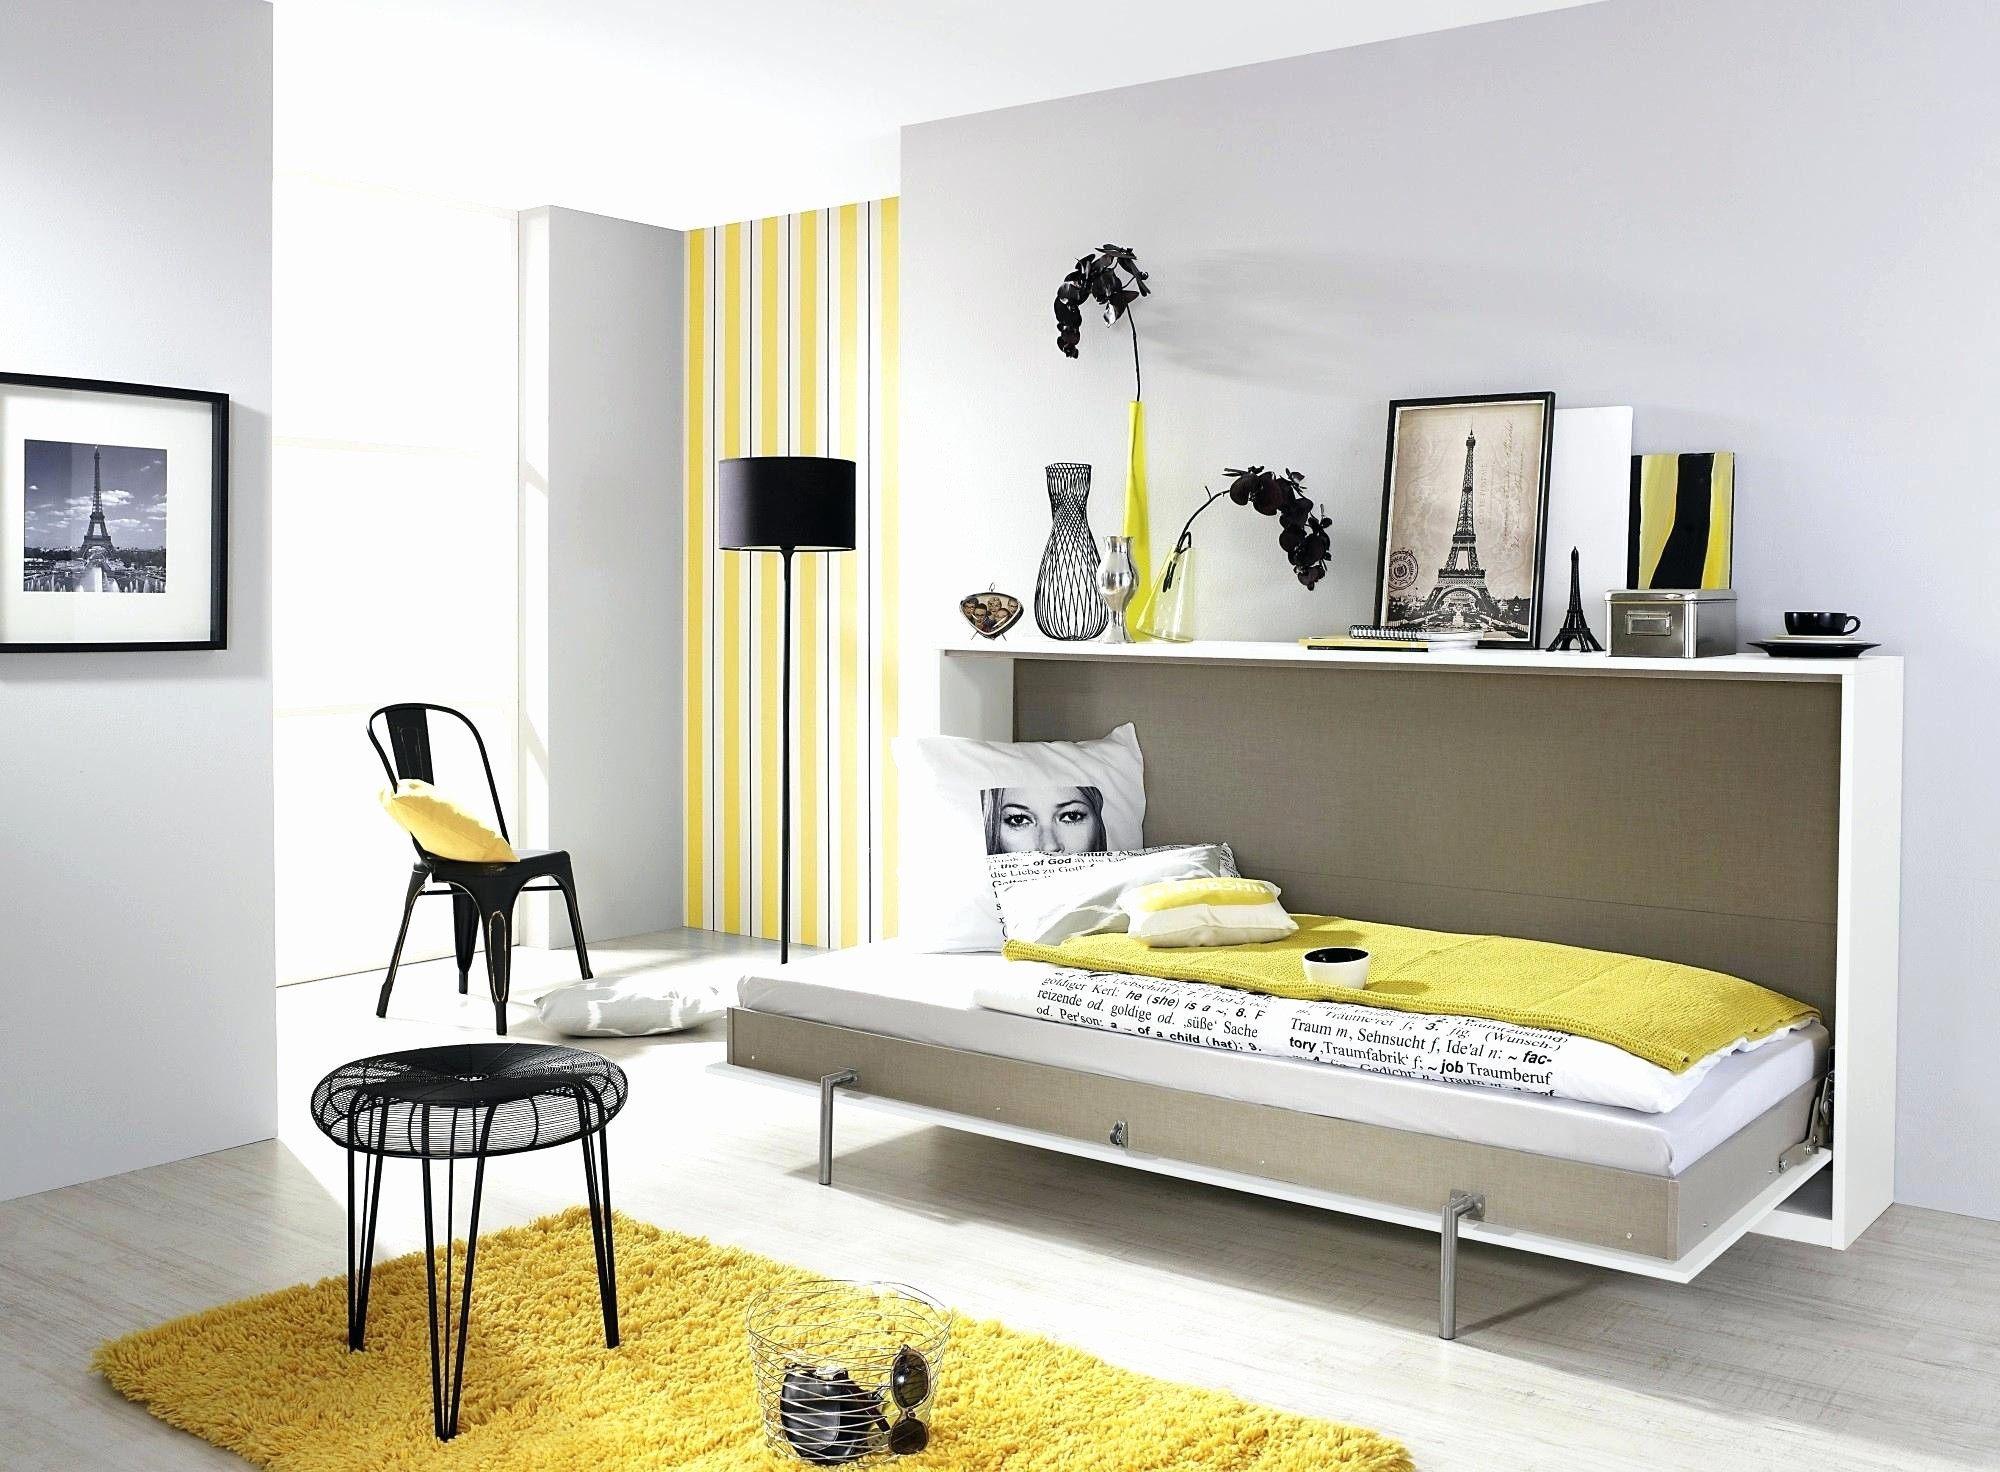 Lit Avec Rangement Conforama Beau Tete Lit originale Chambre Coucher Conforama Elegant Article with